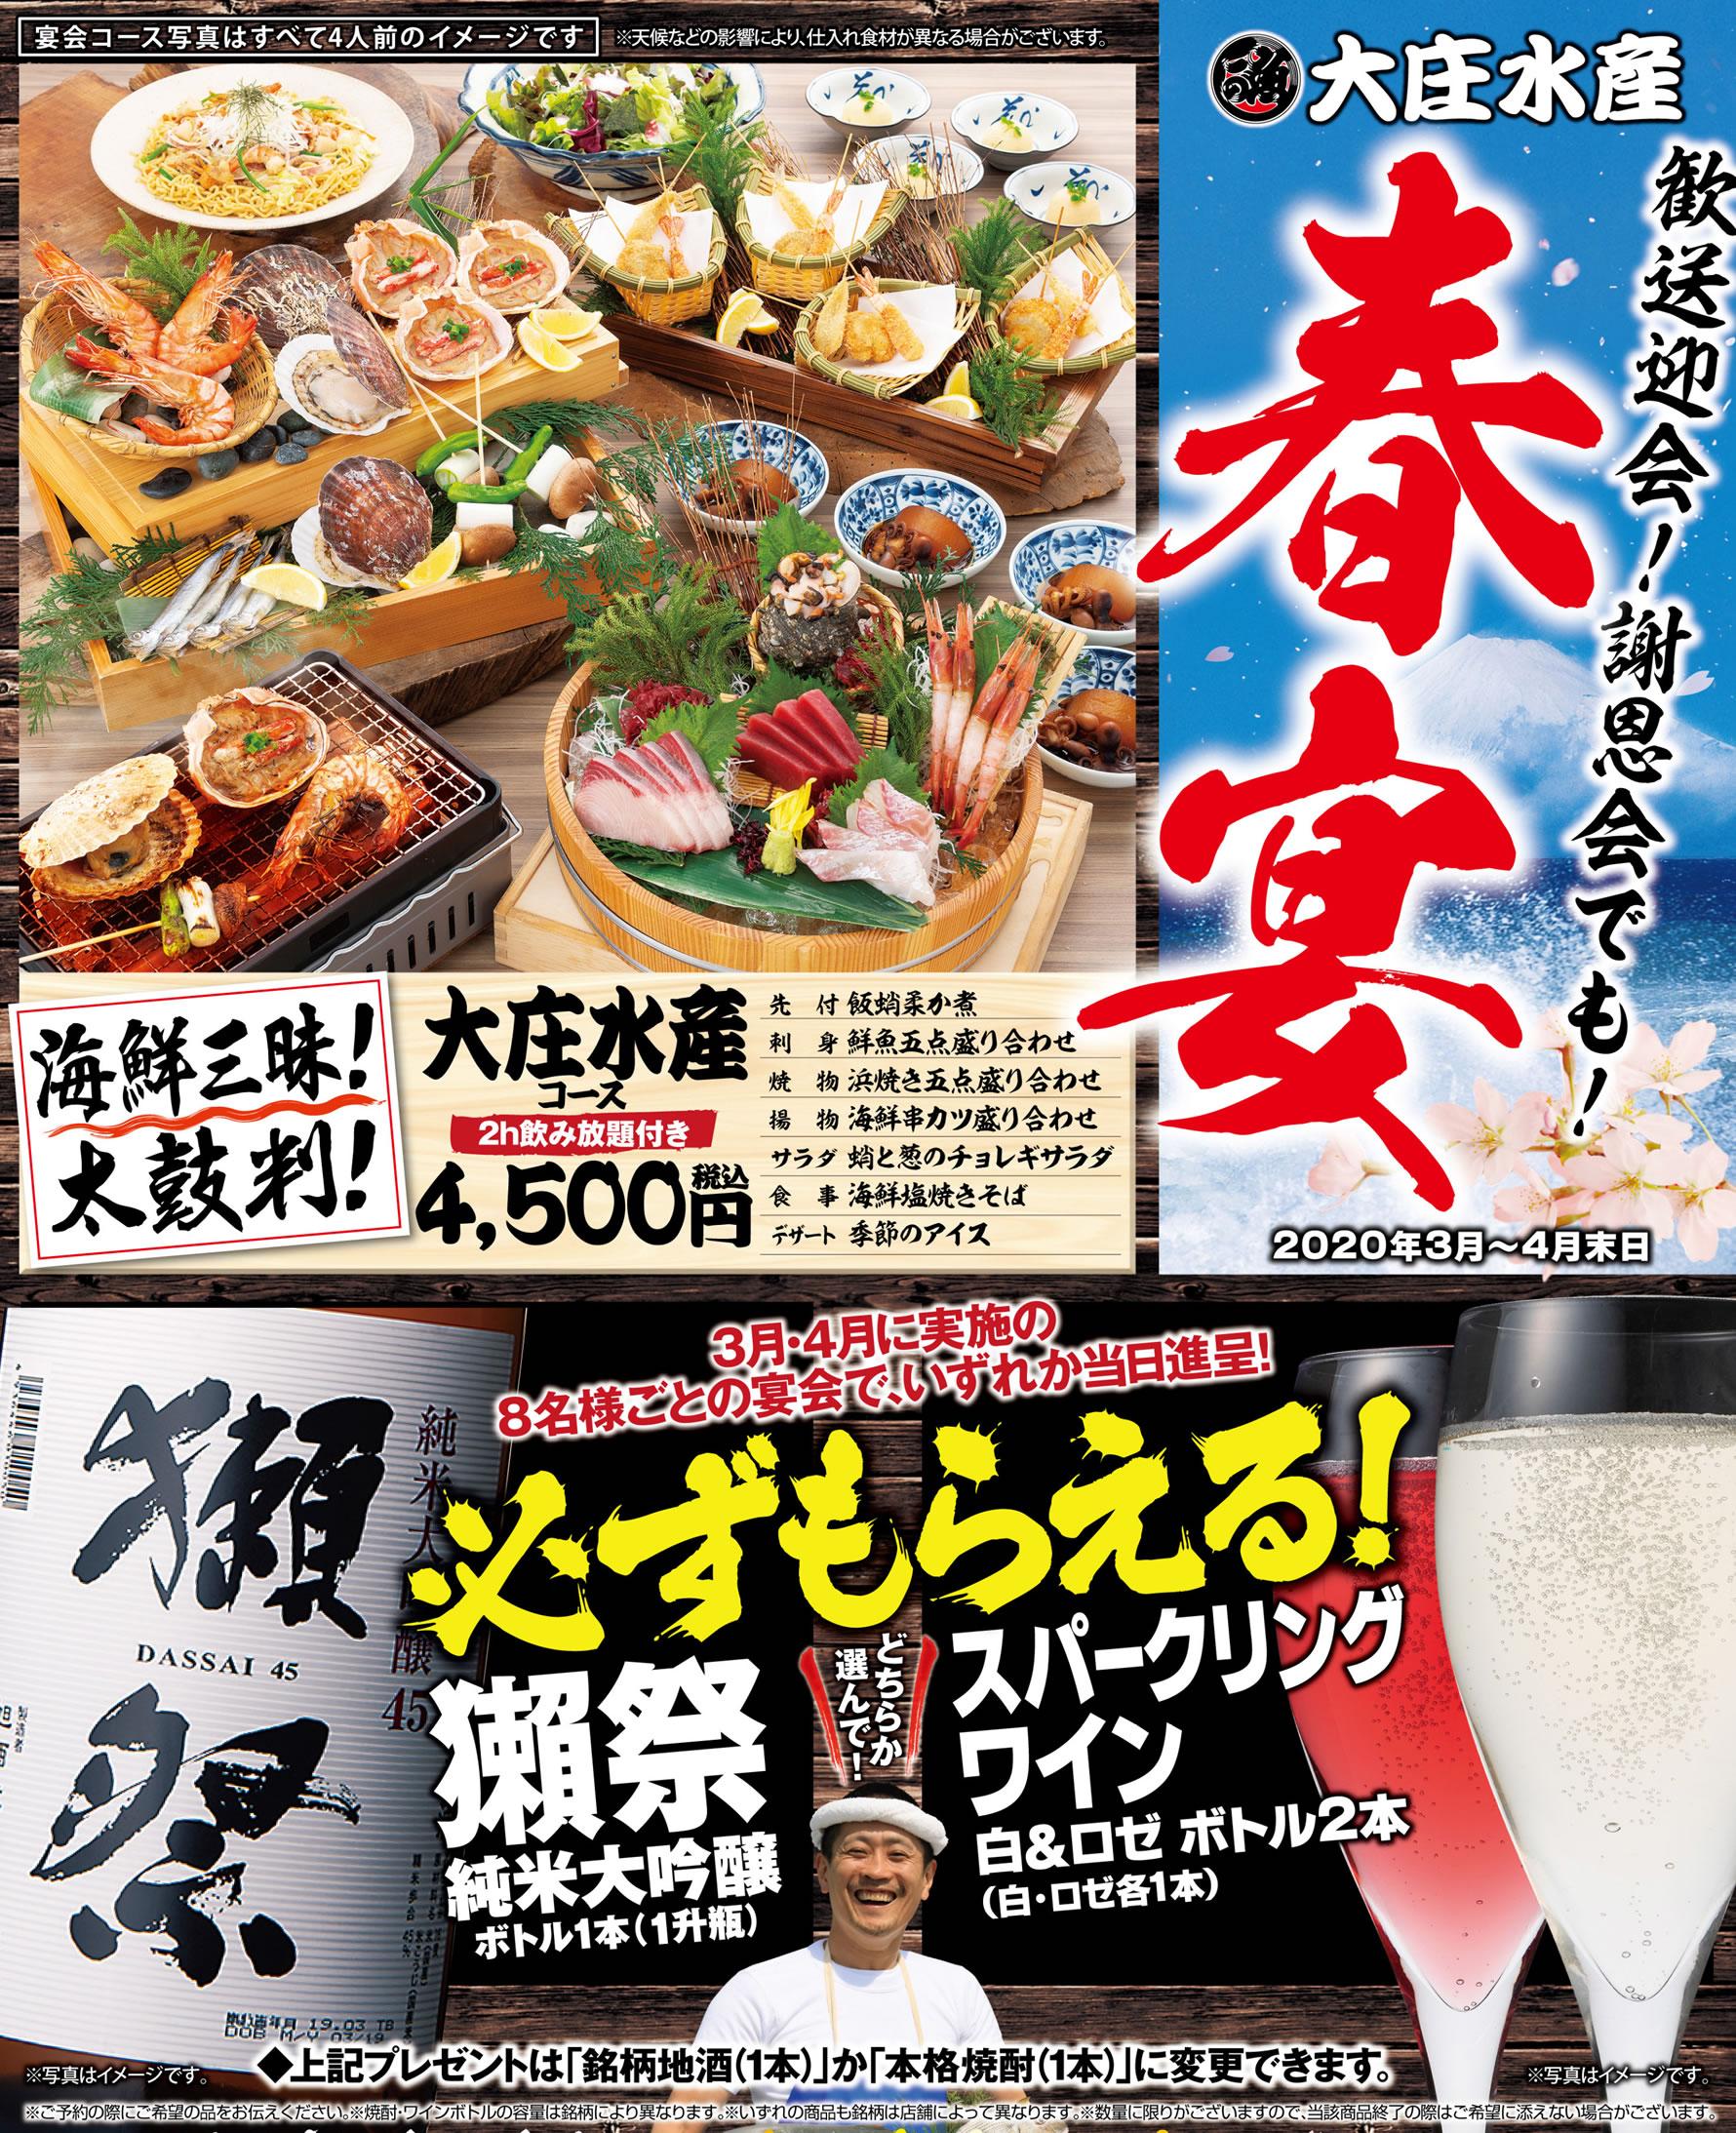 【大庄水産】3月1日より「春宴会コース」登場!